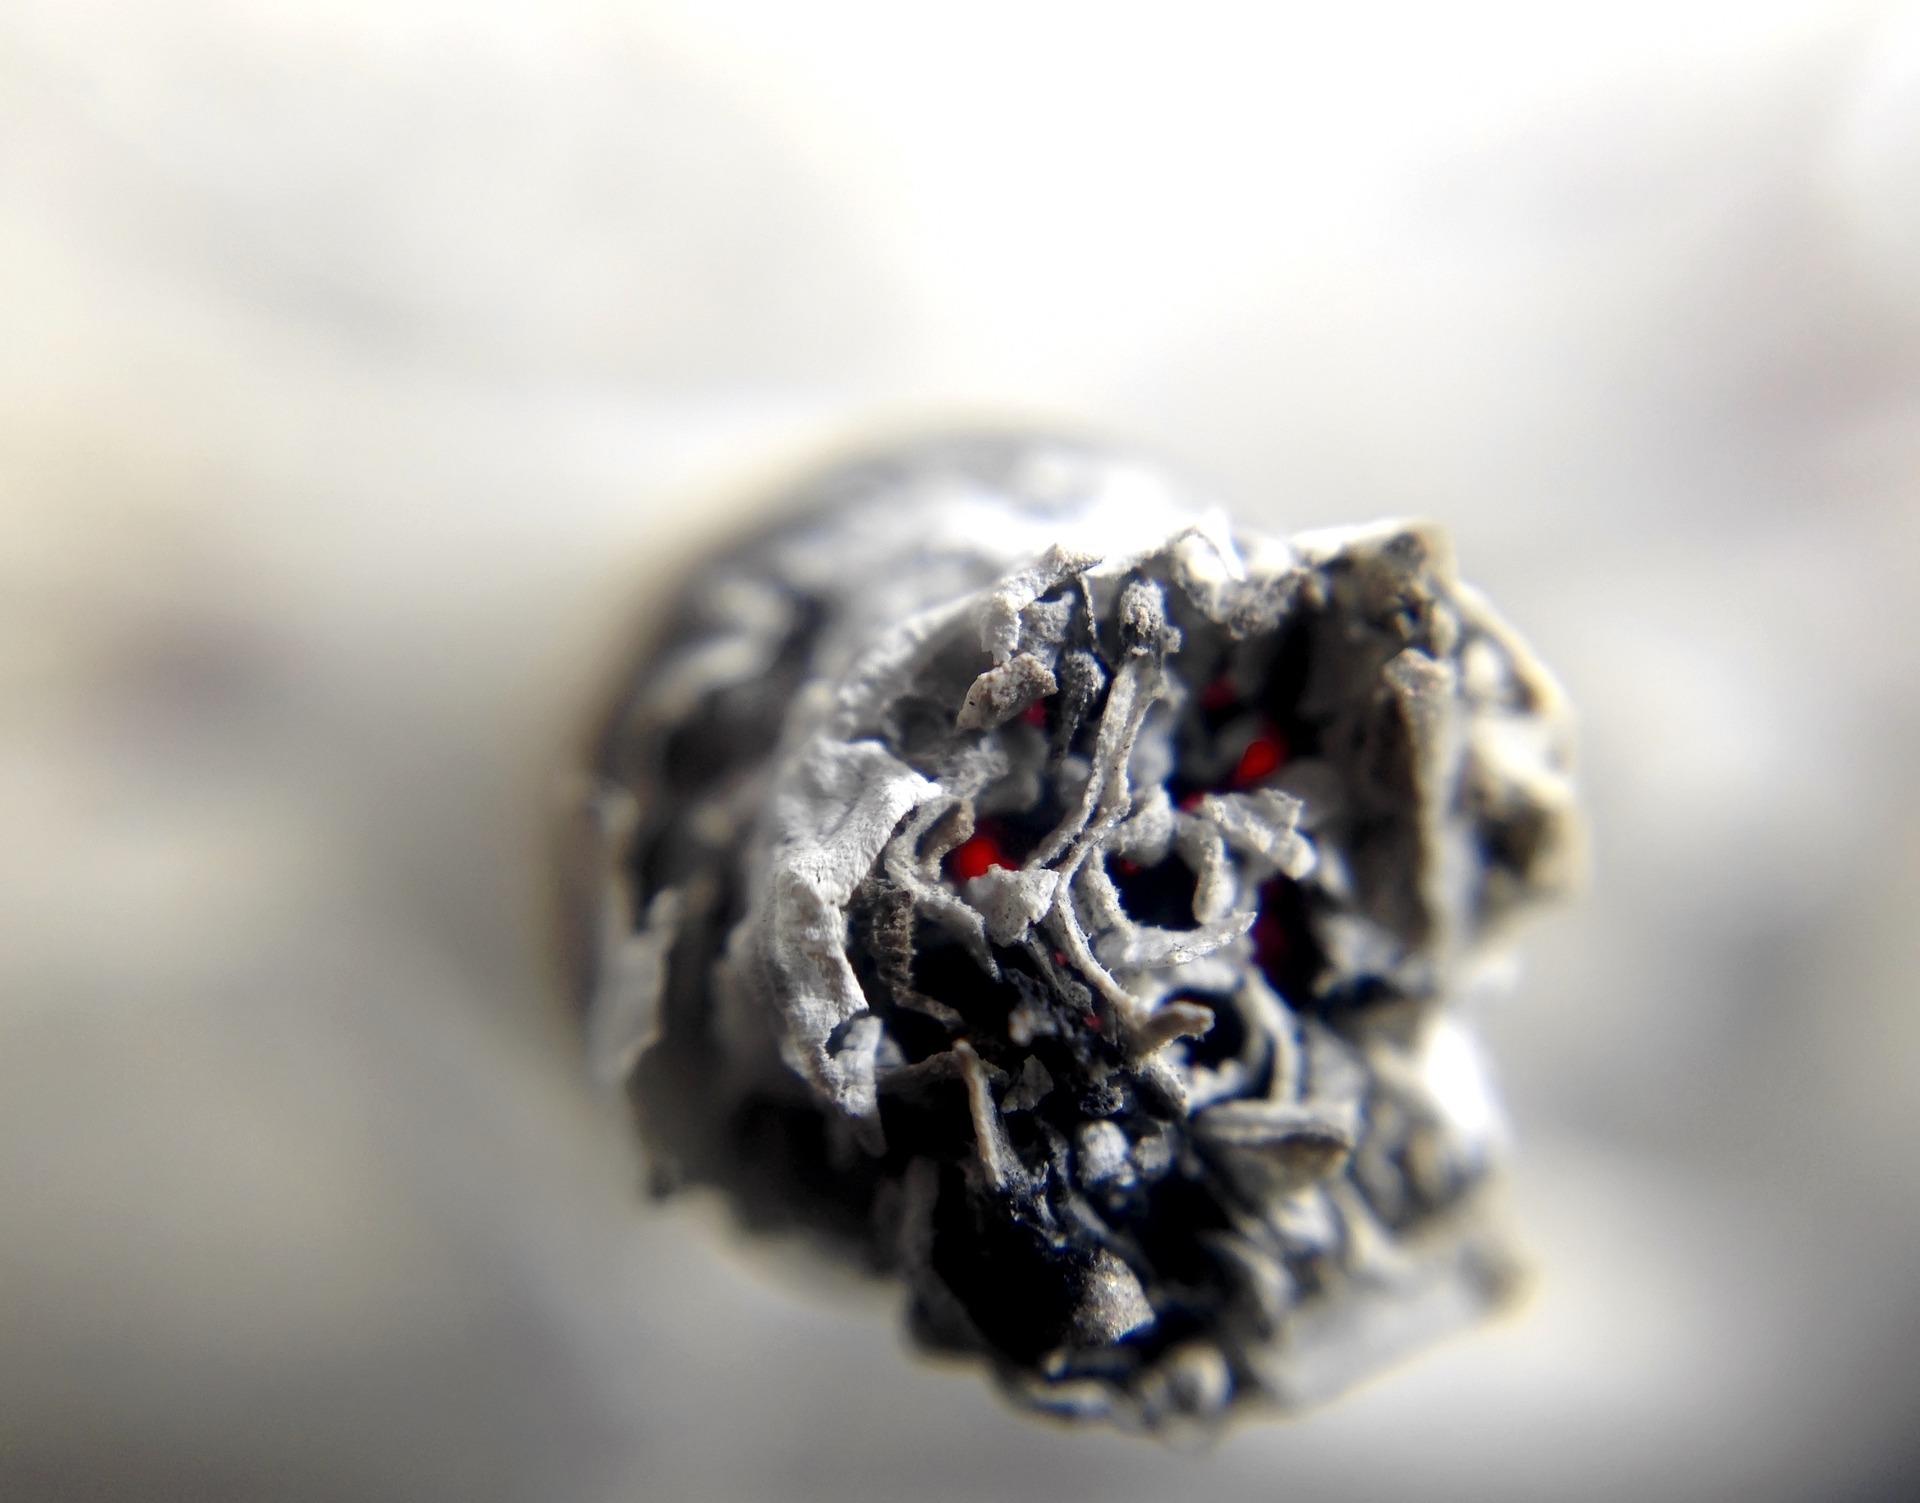 Testování na THC - marihuanu